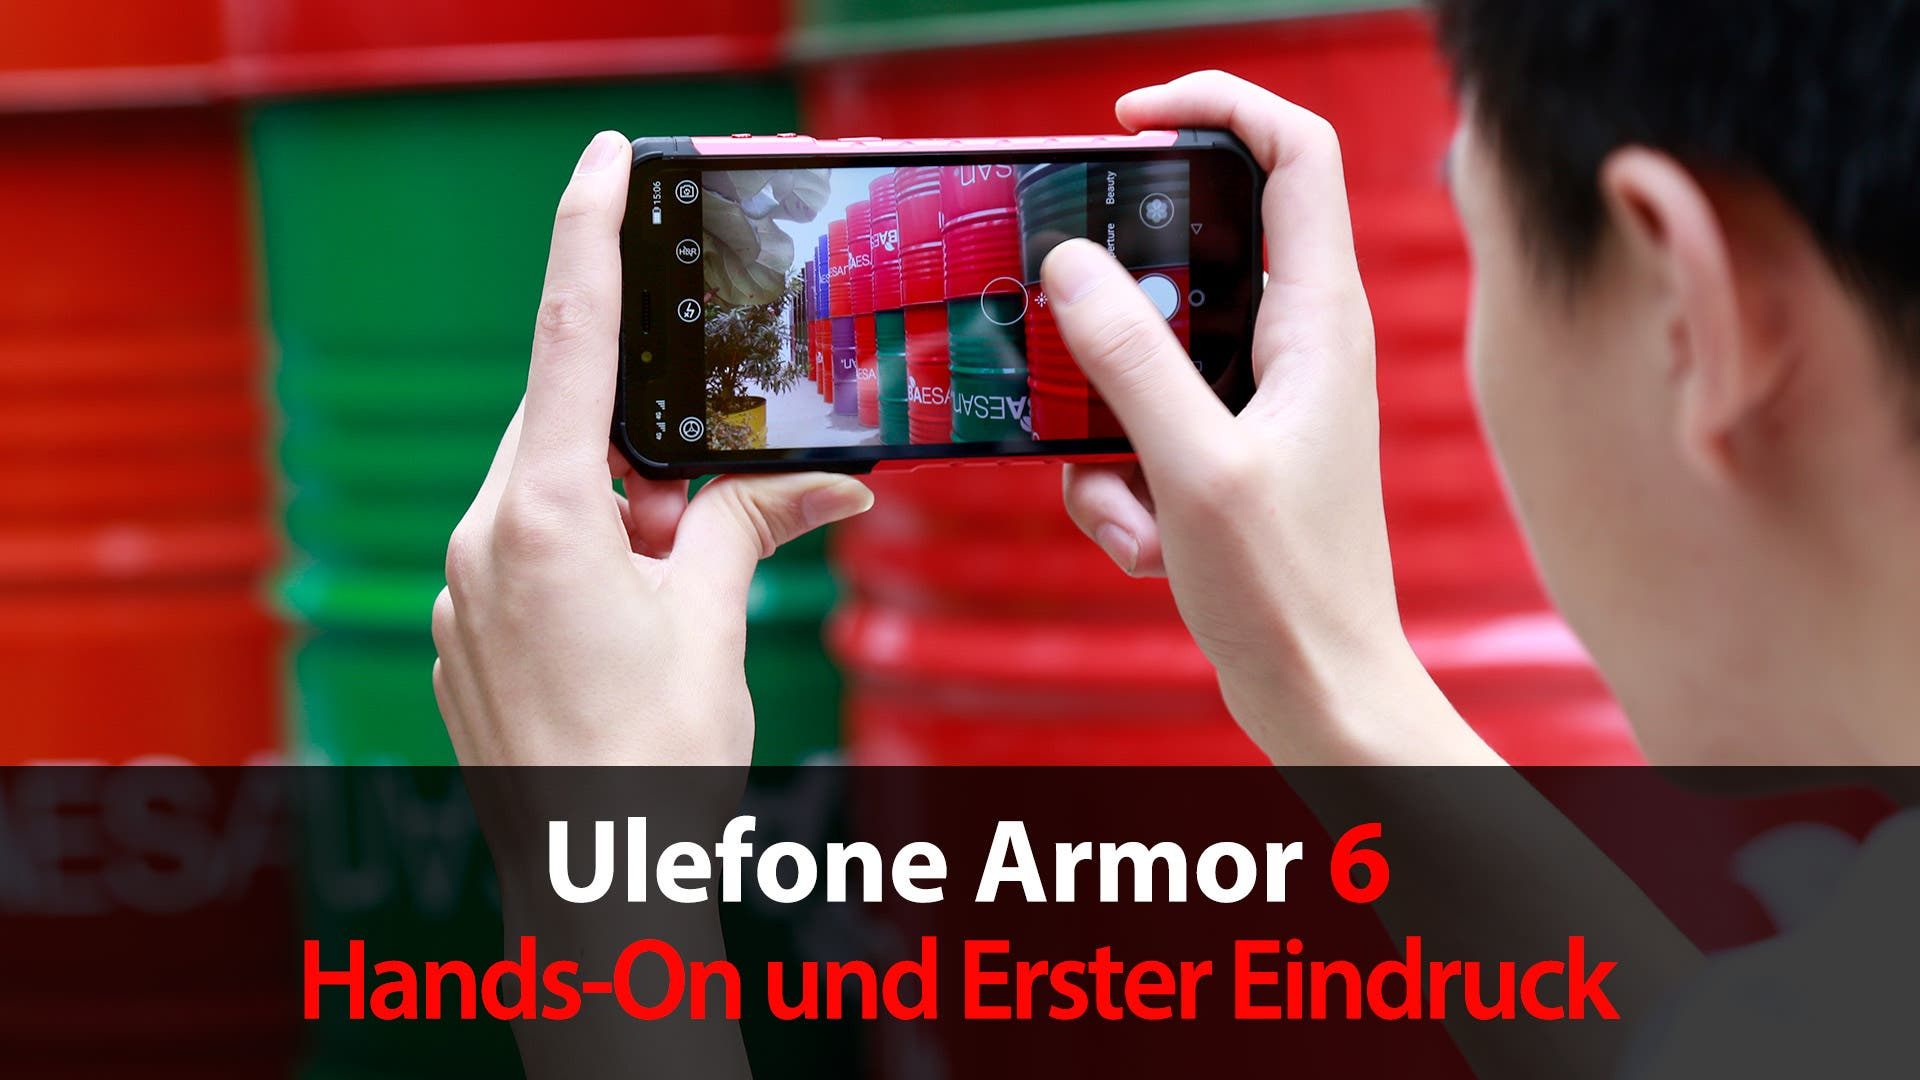 Armor 6